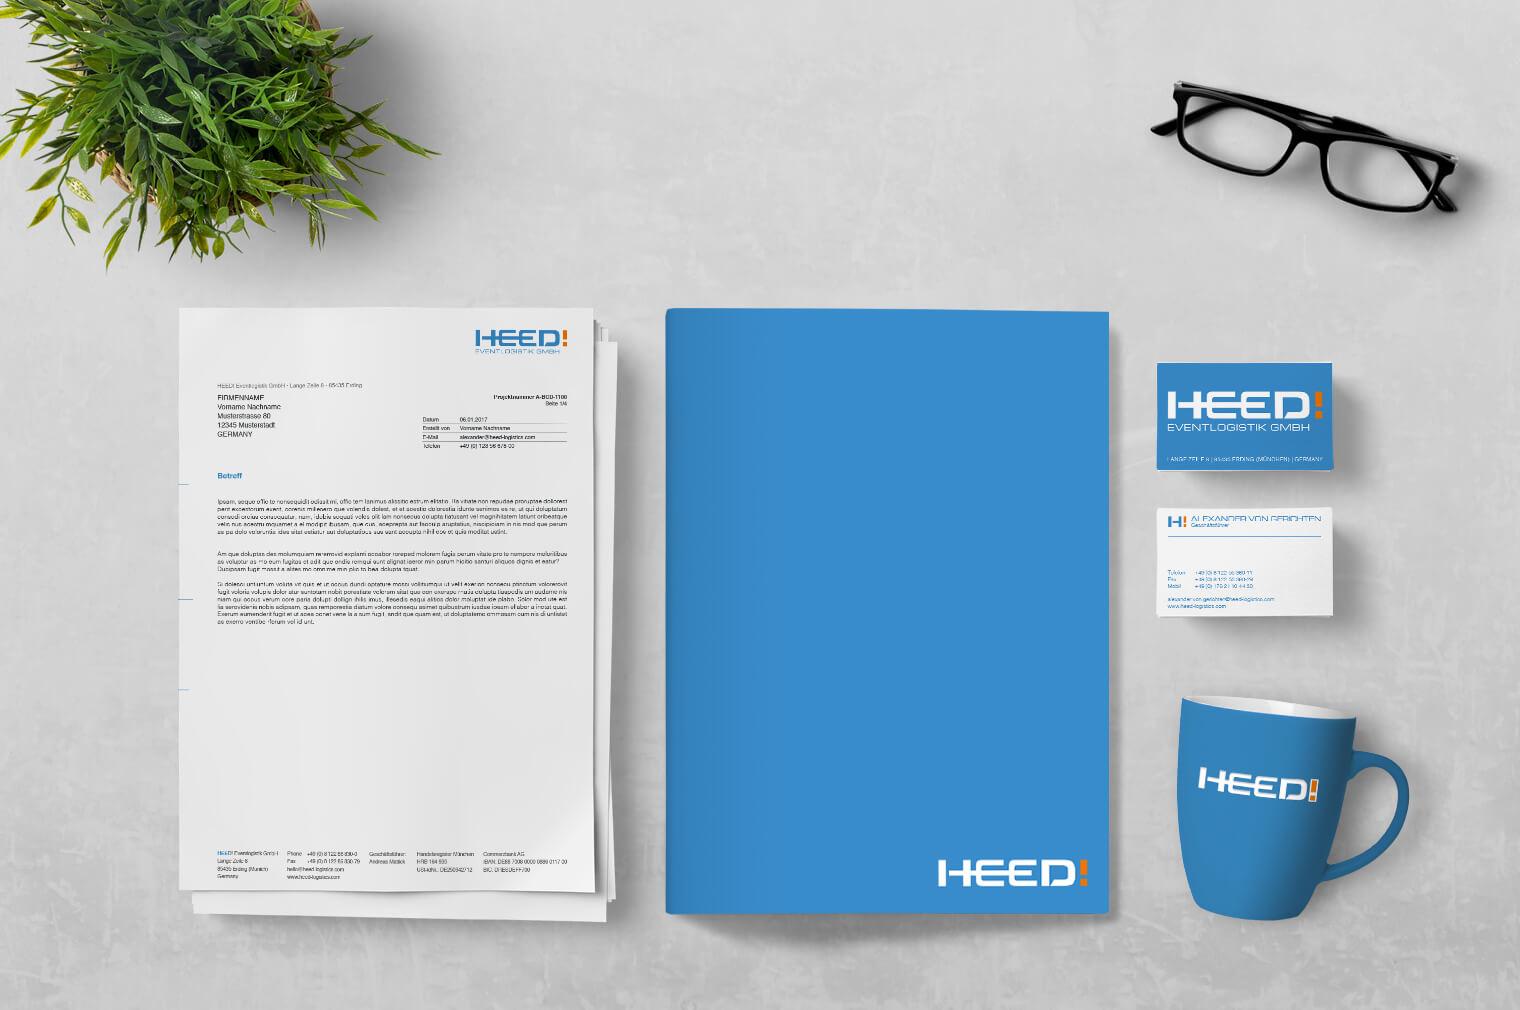 HEED! Eventlogistik Corporate Design Entwicklung: Geschäftsausstattung